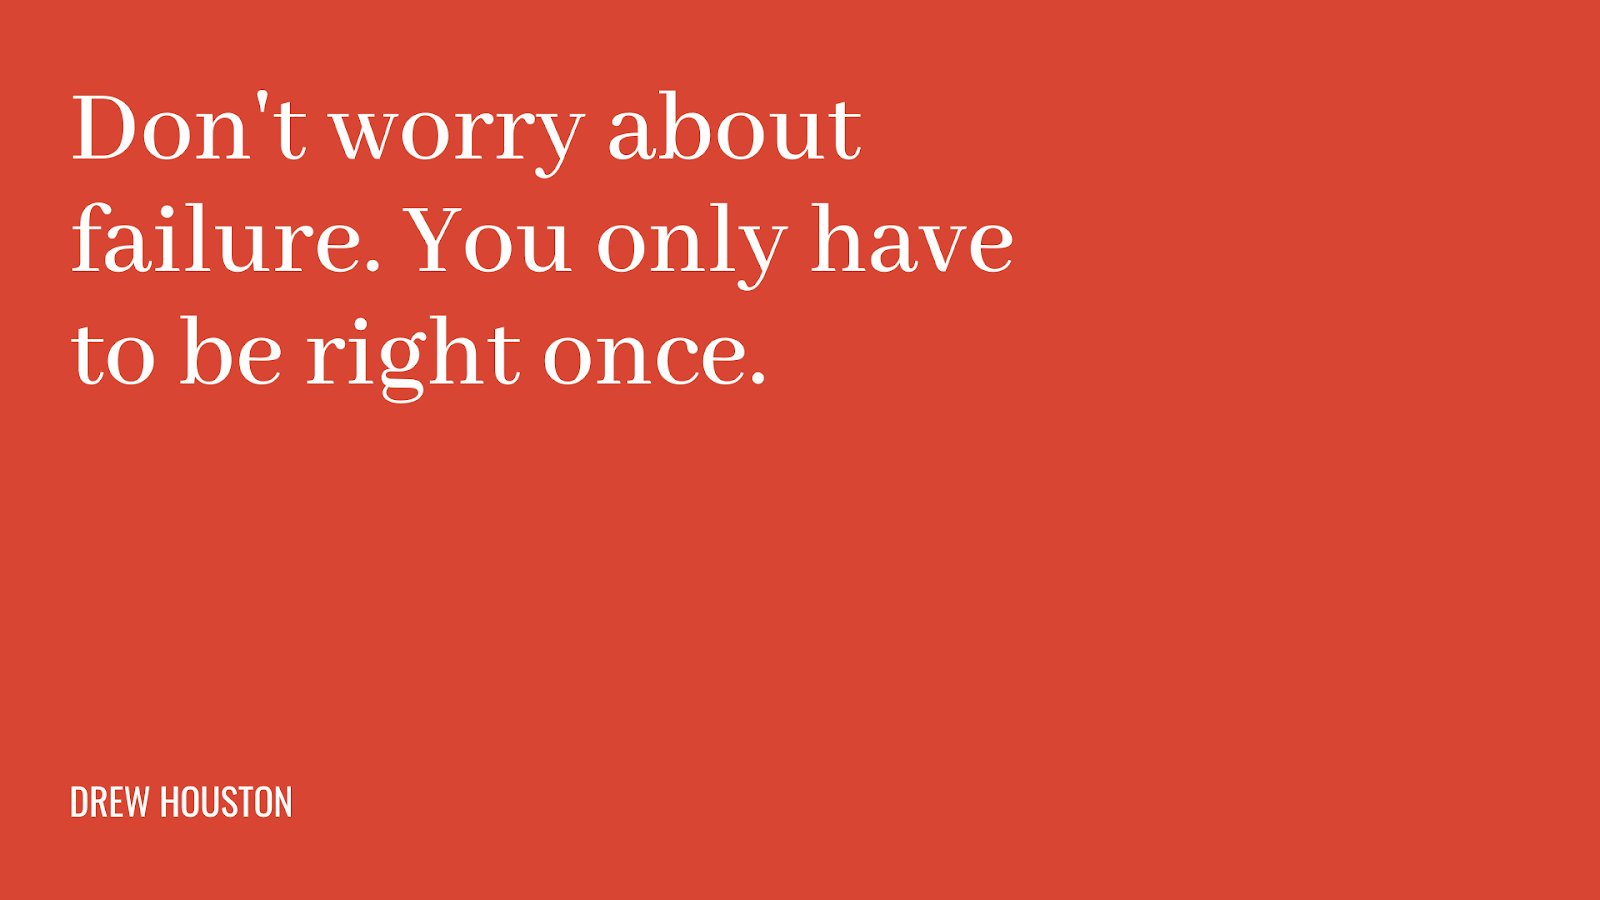 Cita: no te preocupes por el fracaso.  Solo tienes que estar en lo cierto una vez